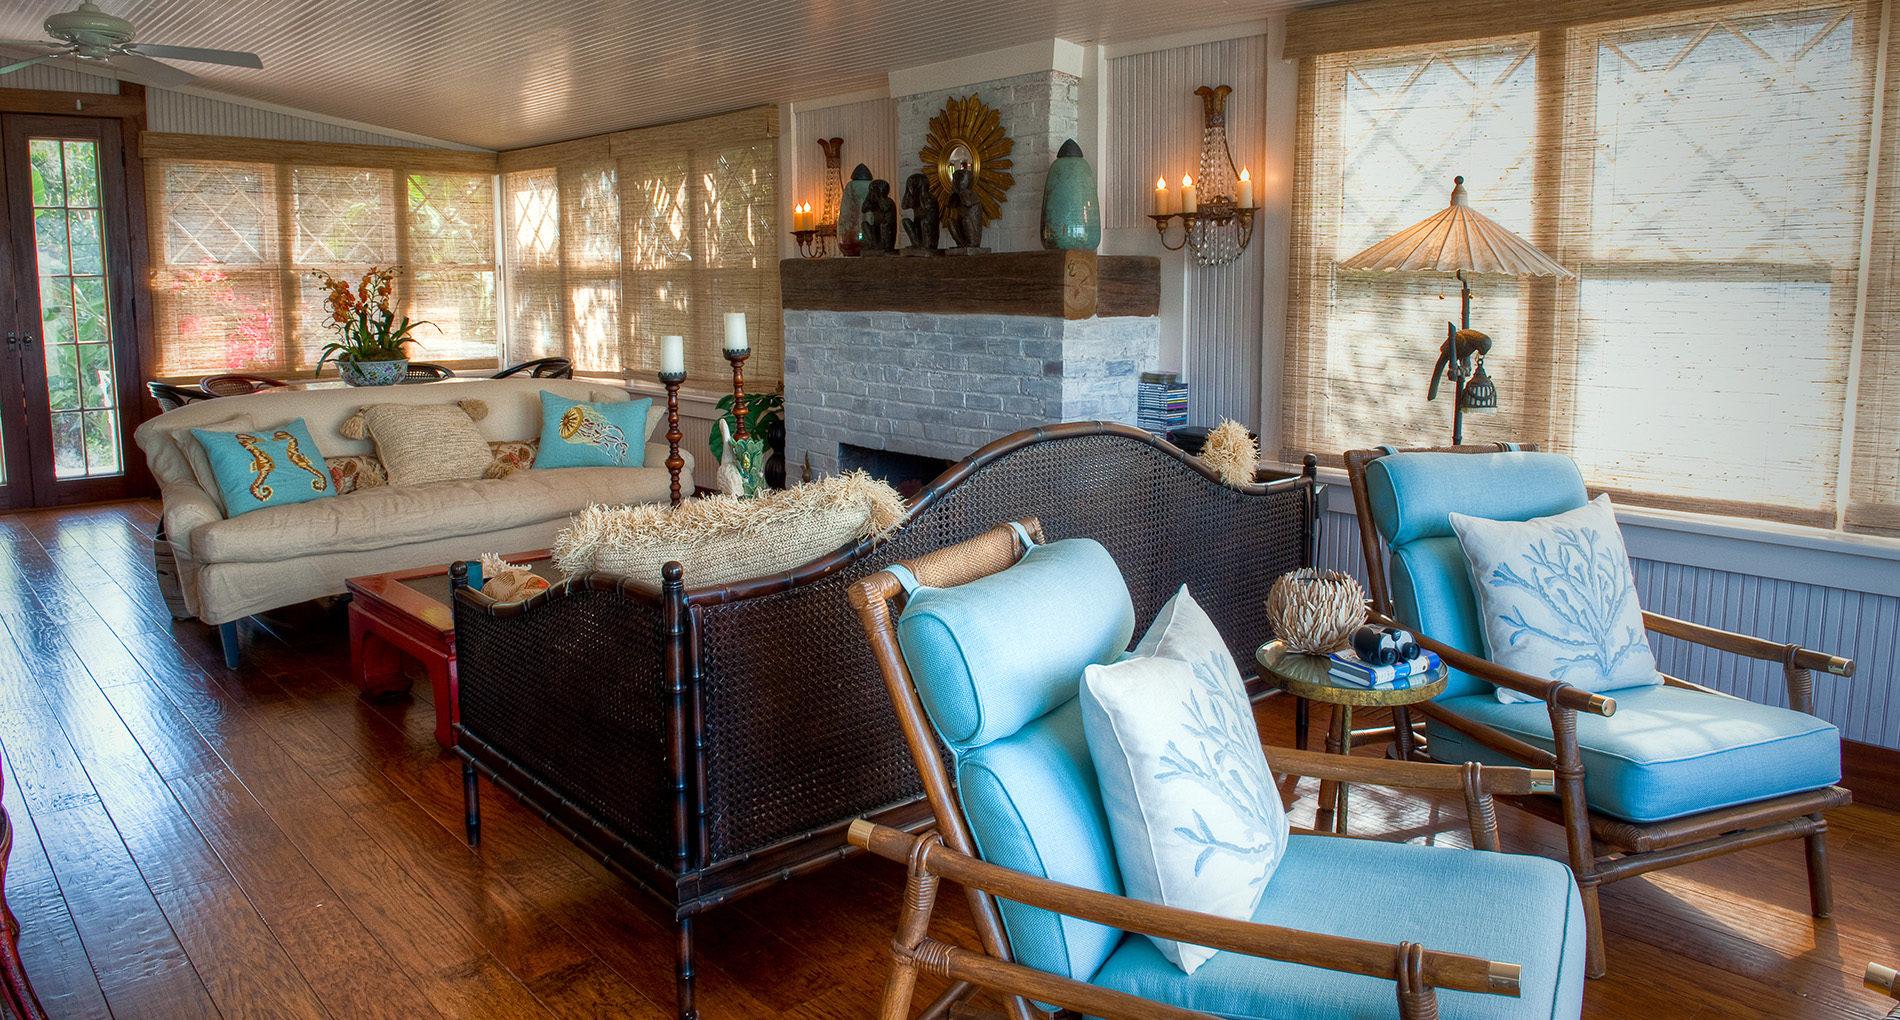 Home Remodel Bonitasprings Captivabayside Slider